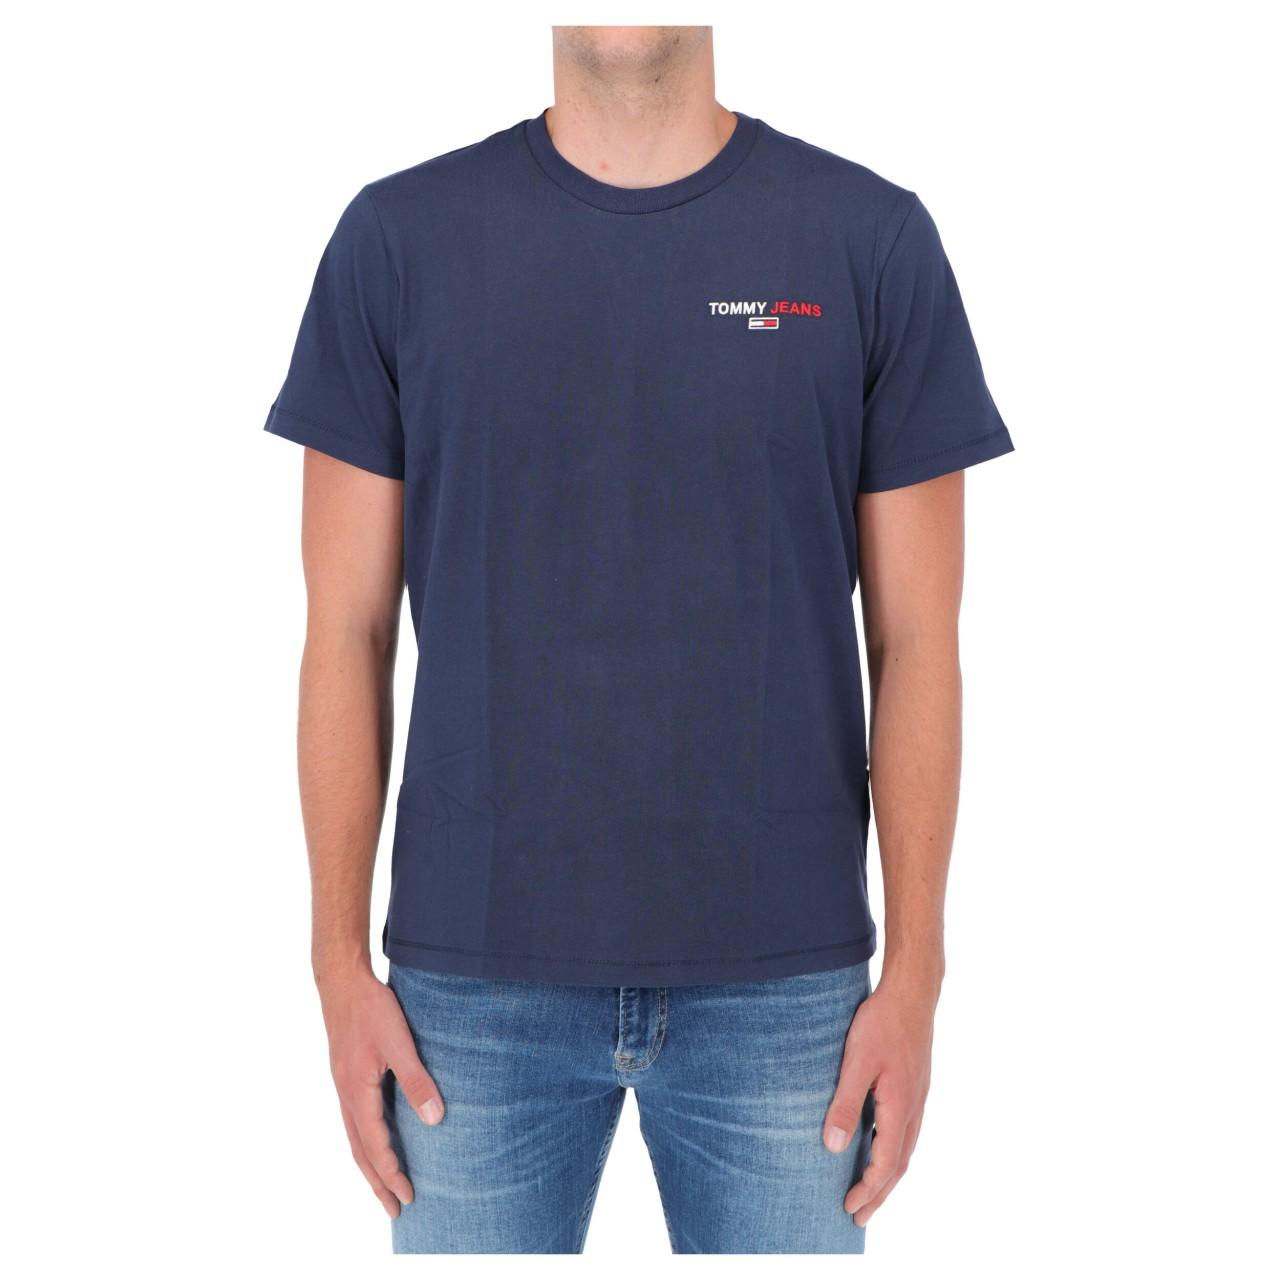 Tommy hilfiger Uomo Tshirt Tommy Hilfiger Jeans Uomo Tjm Chest Crop Tee 09401Q